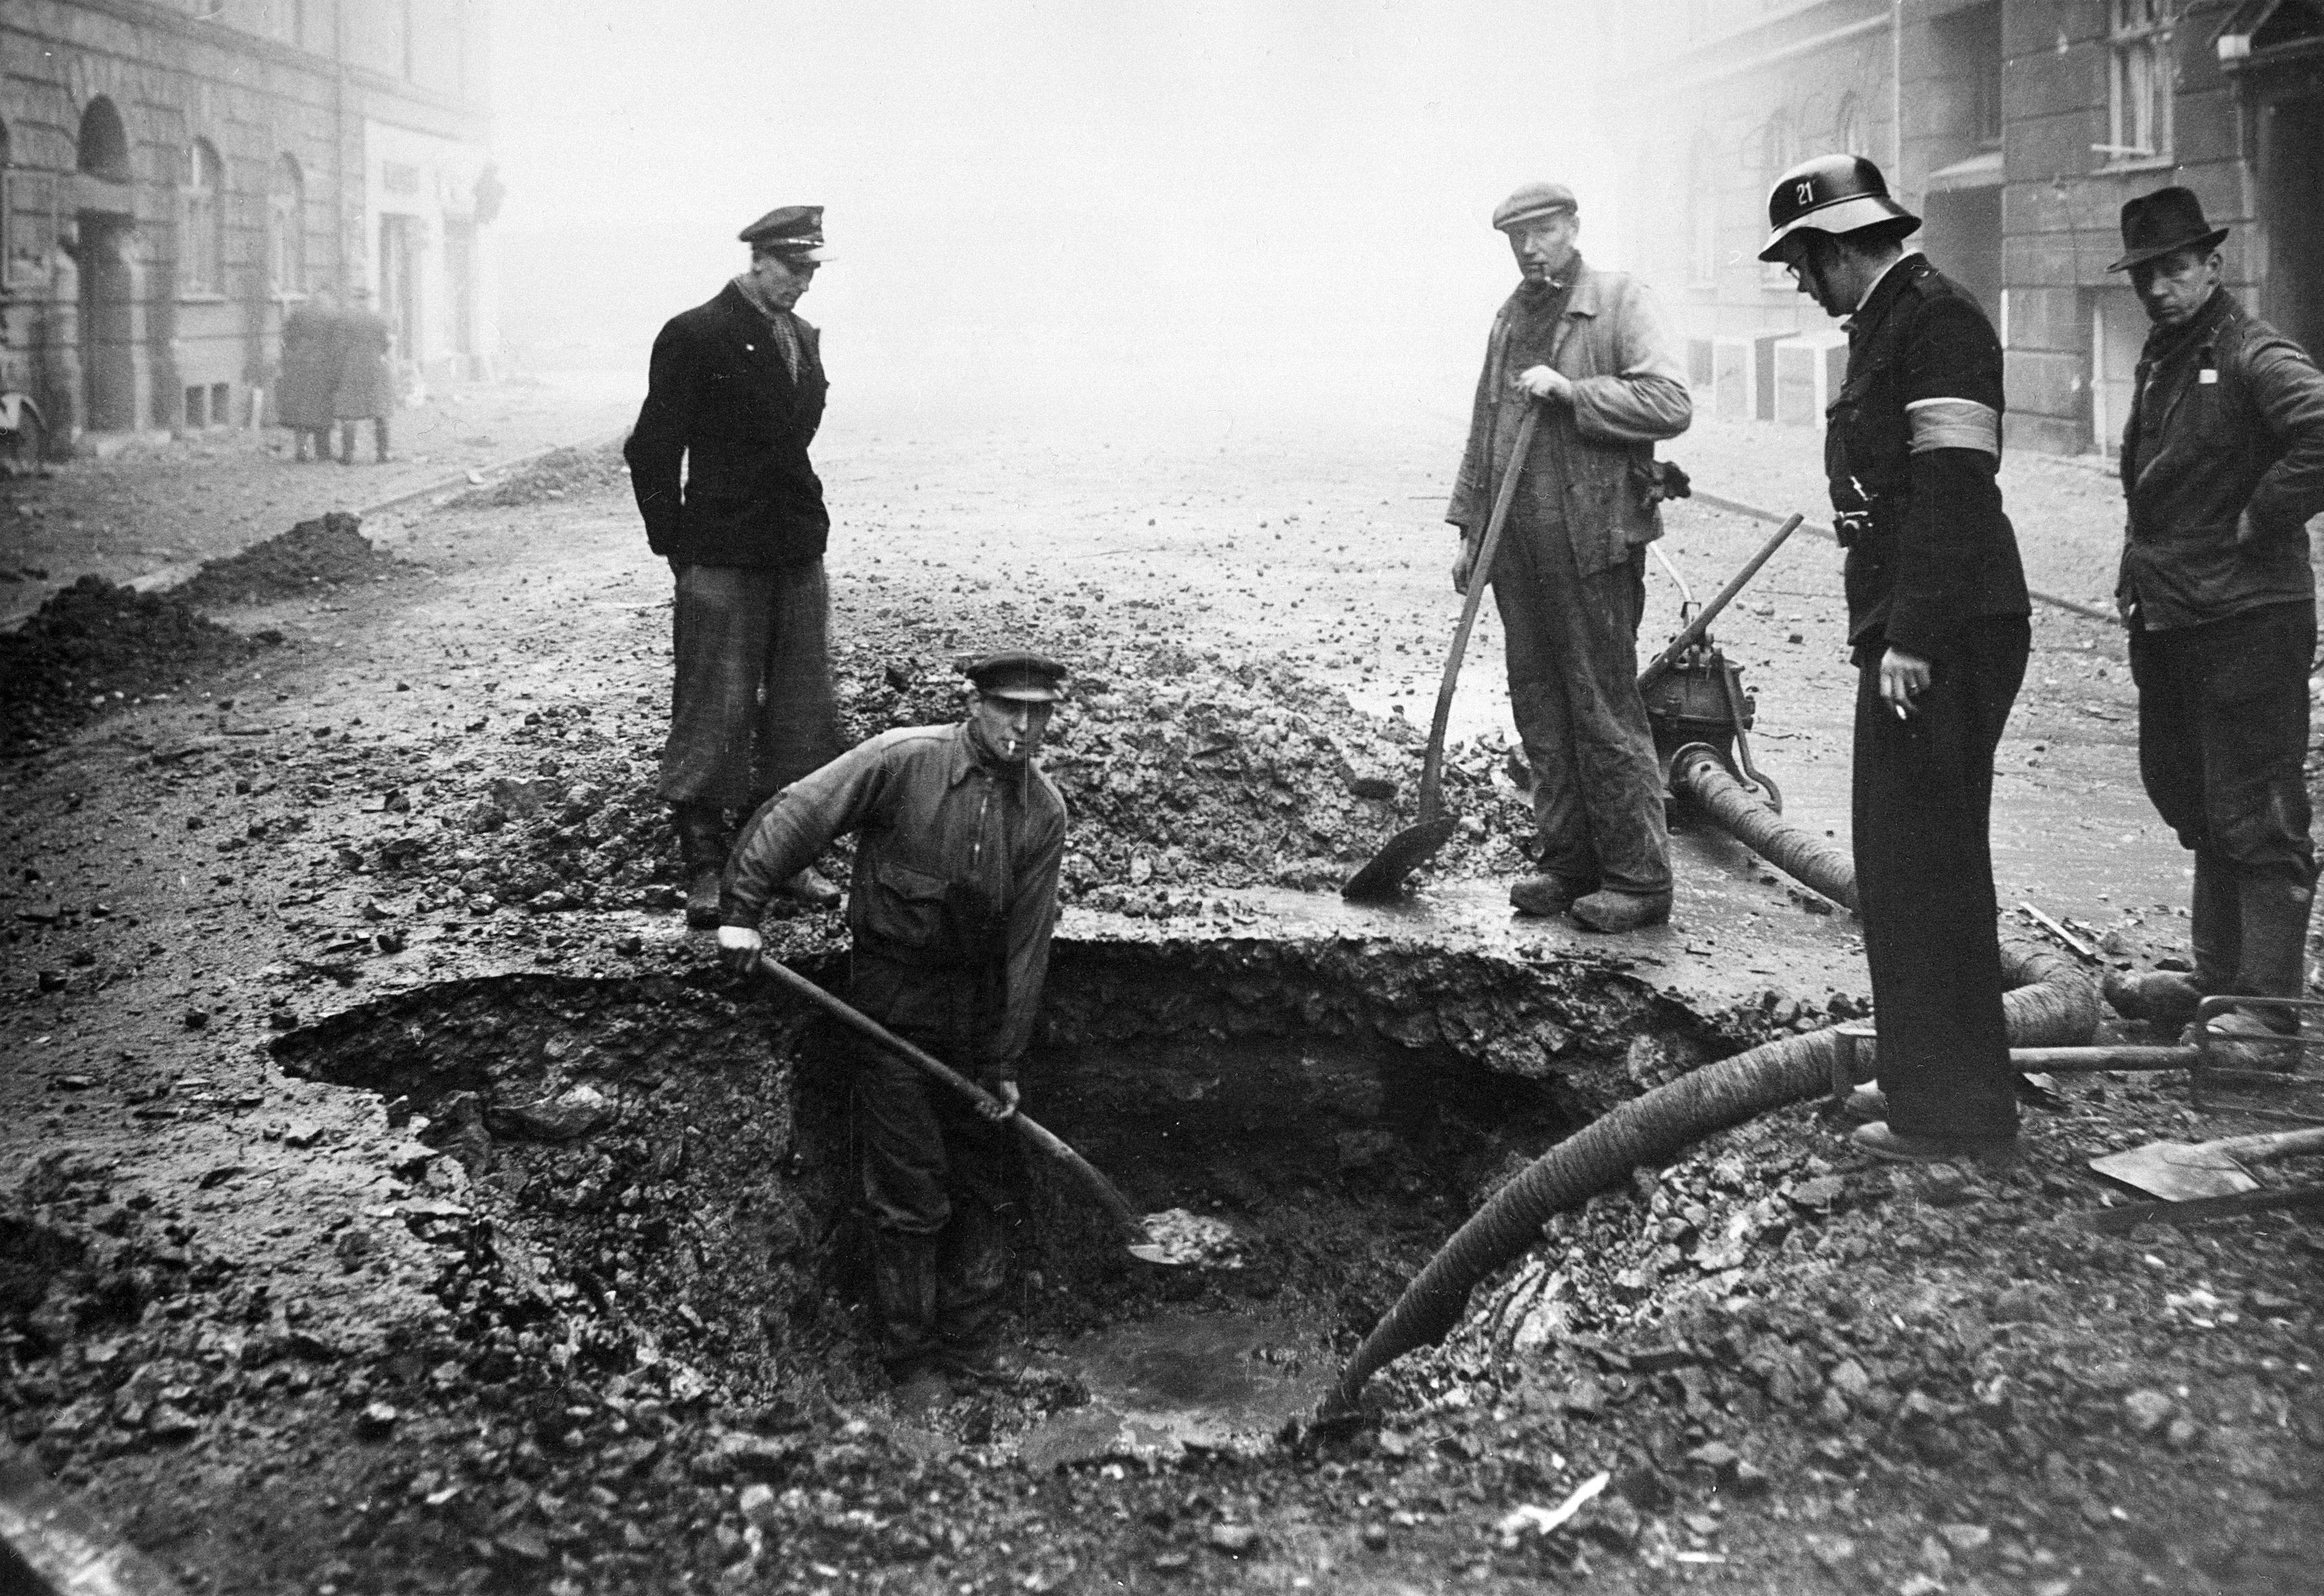 1943. Воронка от бомбы в Njalsgade после атаки RAF. 27 января